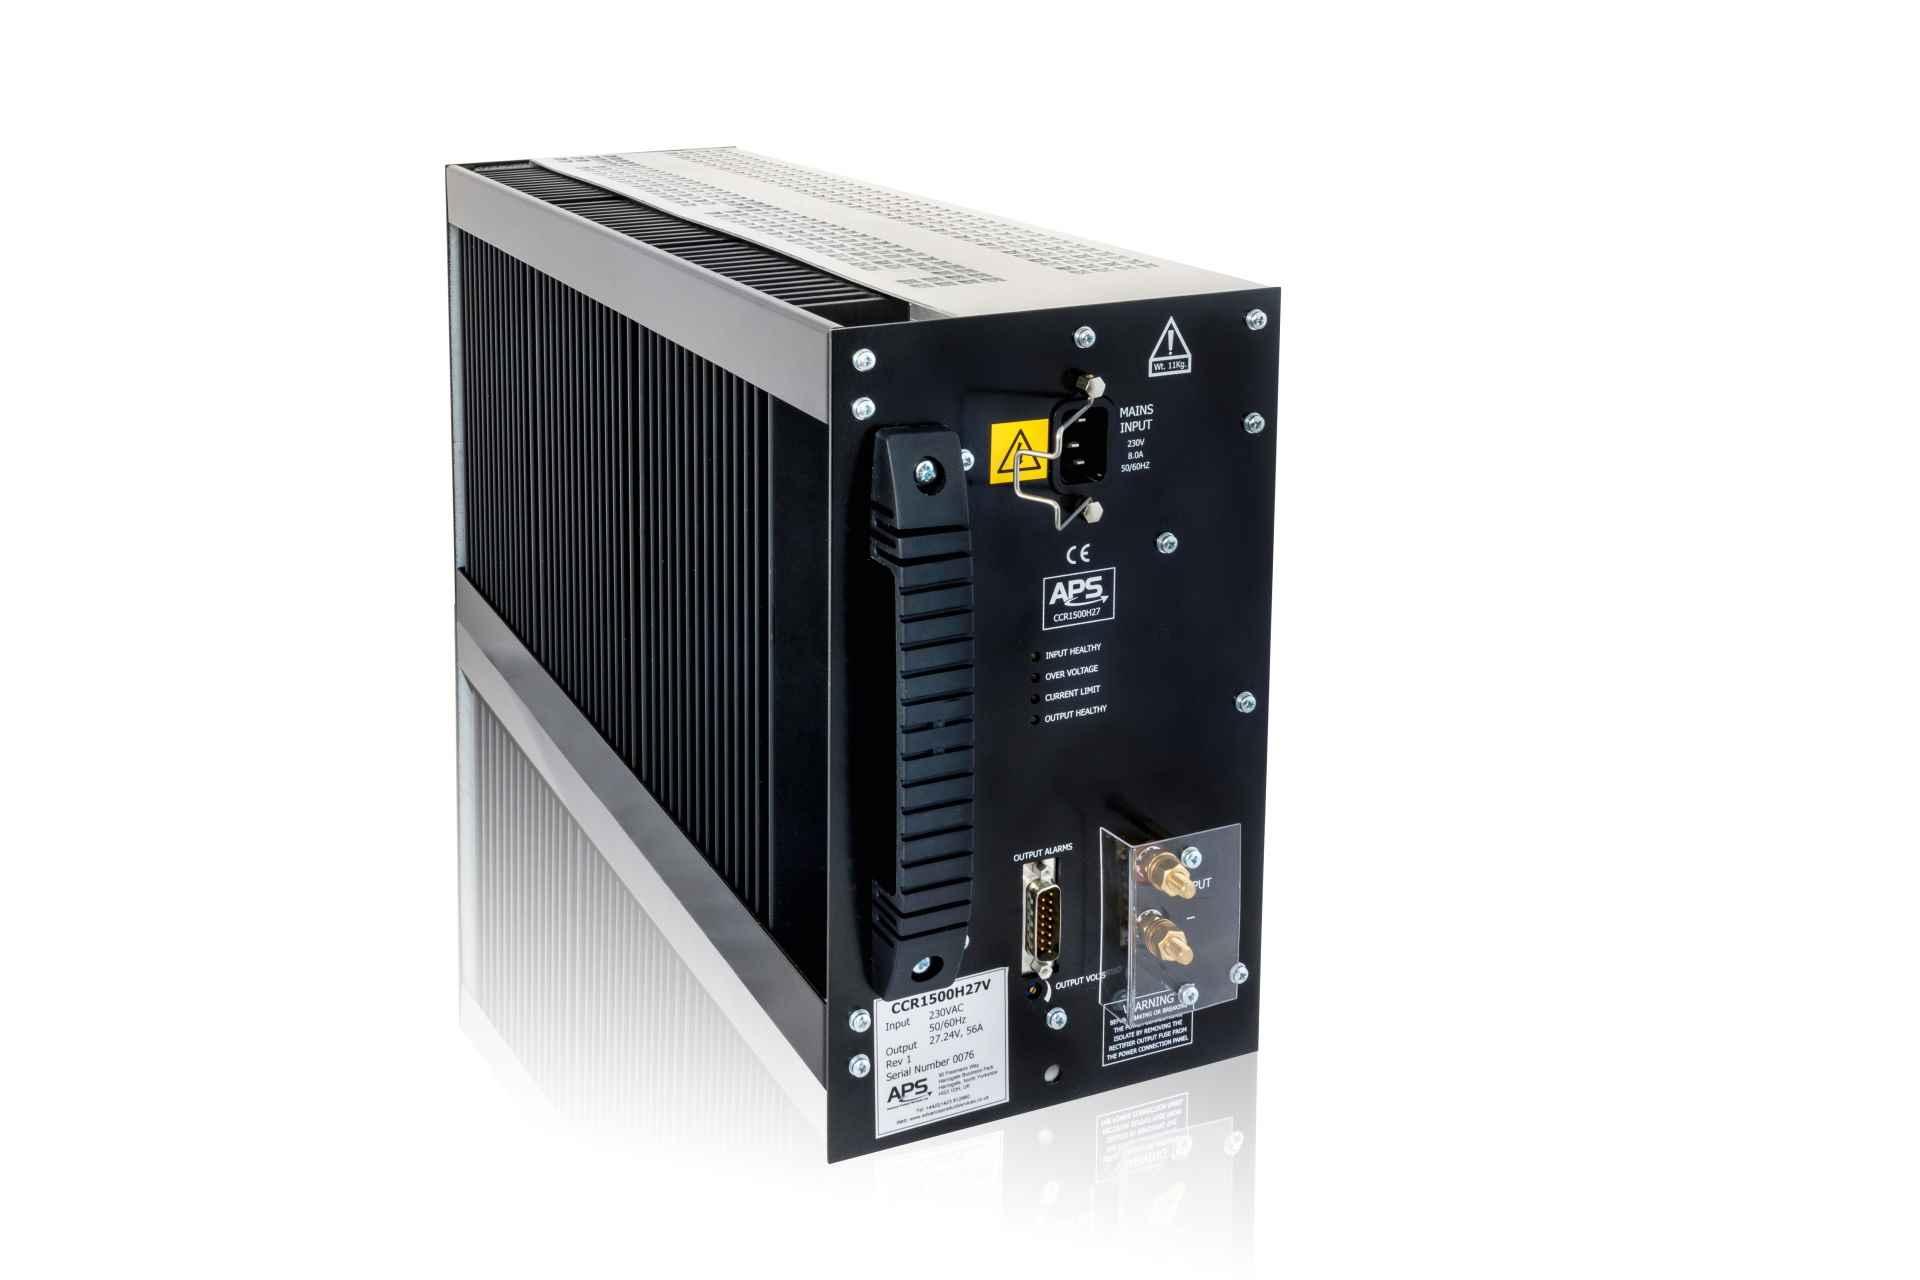 F2905 F2705 160/54/28A 160/27/50A replacement PSU